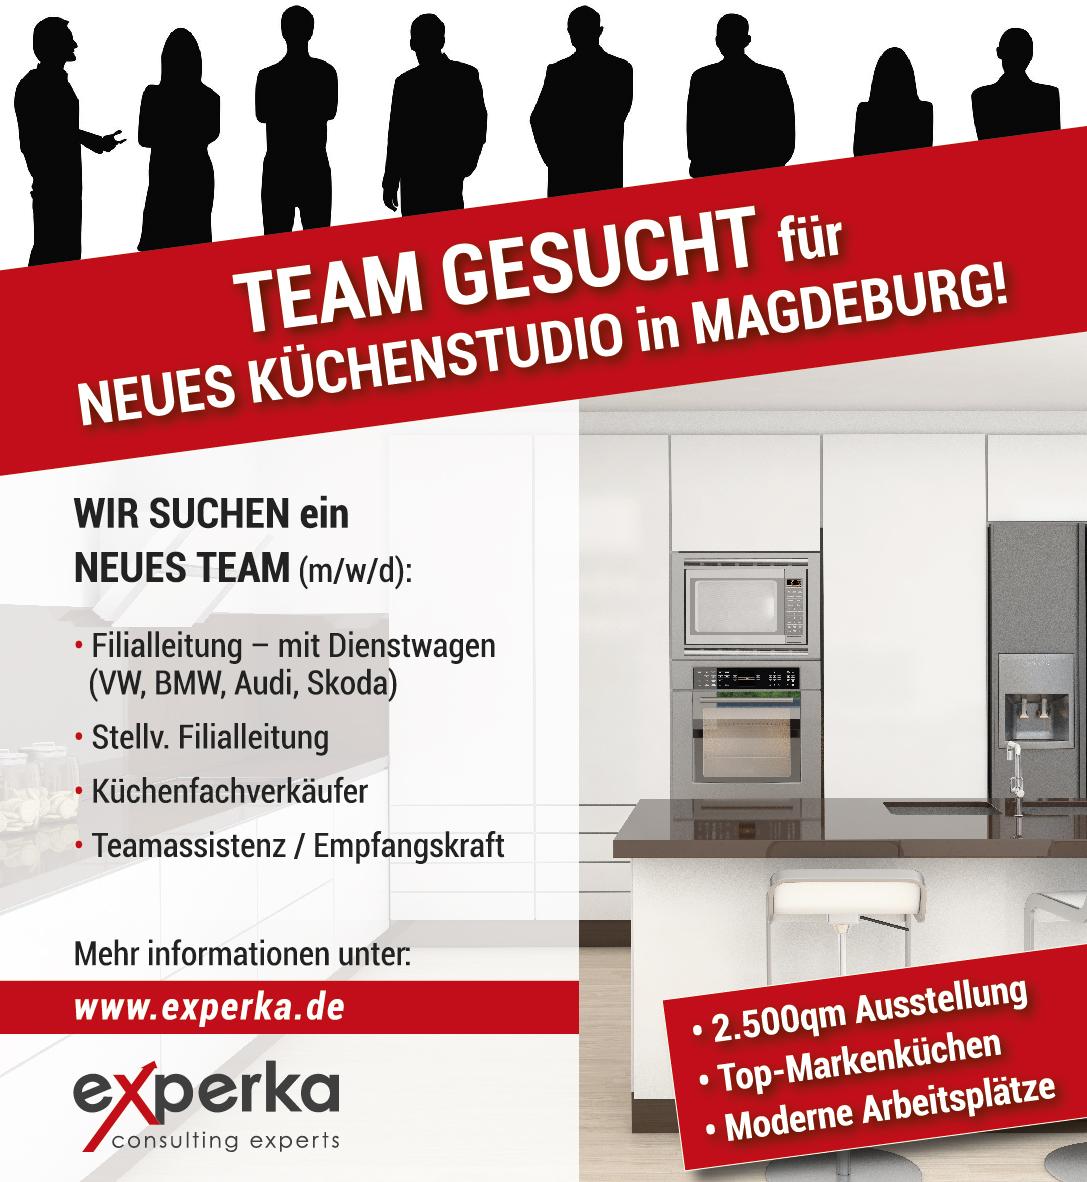 Experka Anzeige Team Küchenfachberater Kuechenstudio Magdeburg